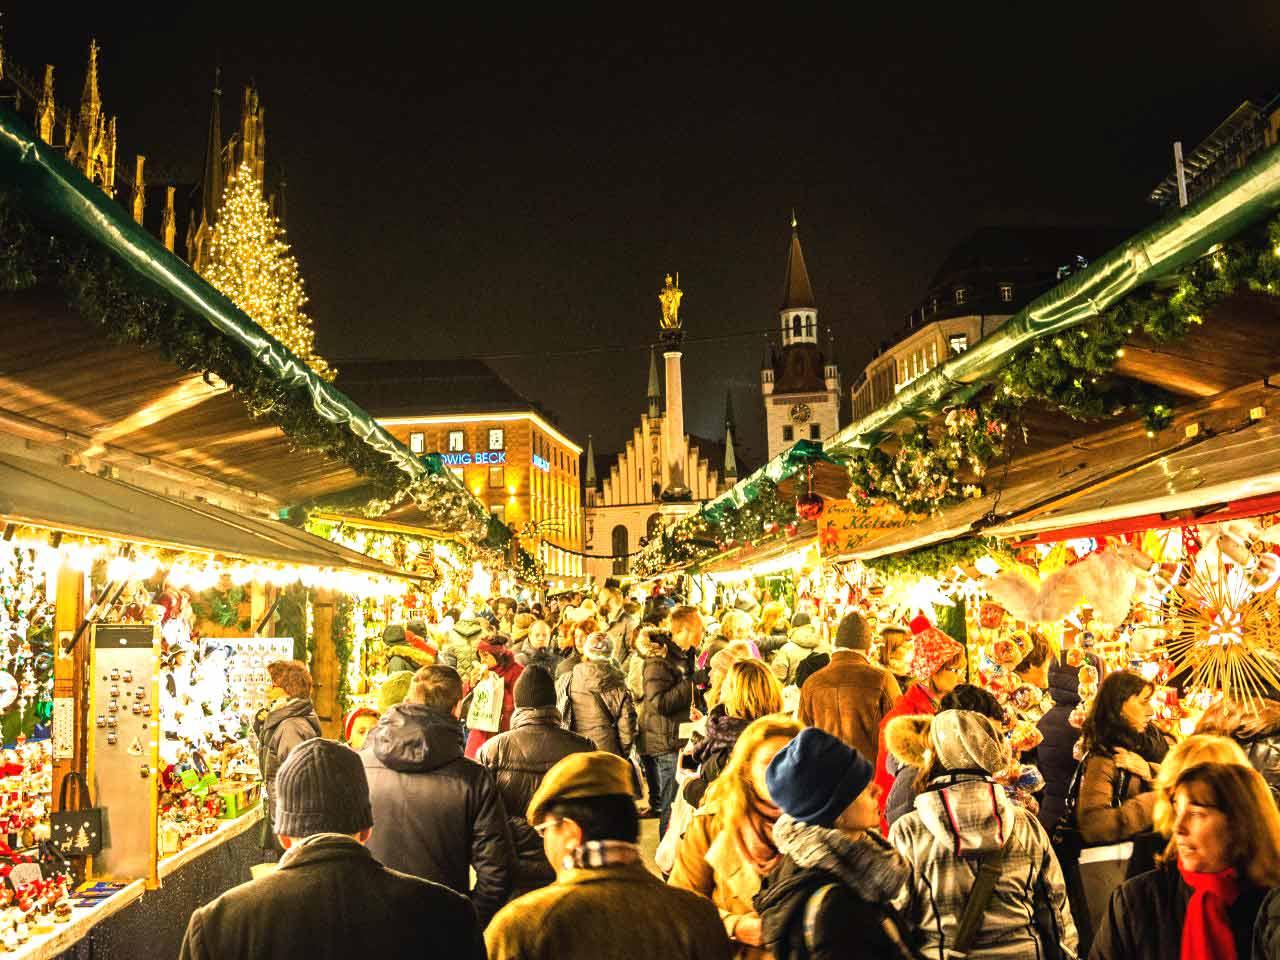 Birra e mercatini di Natale: che passione!